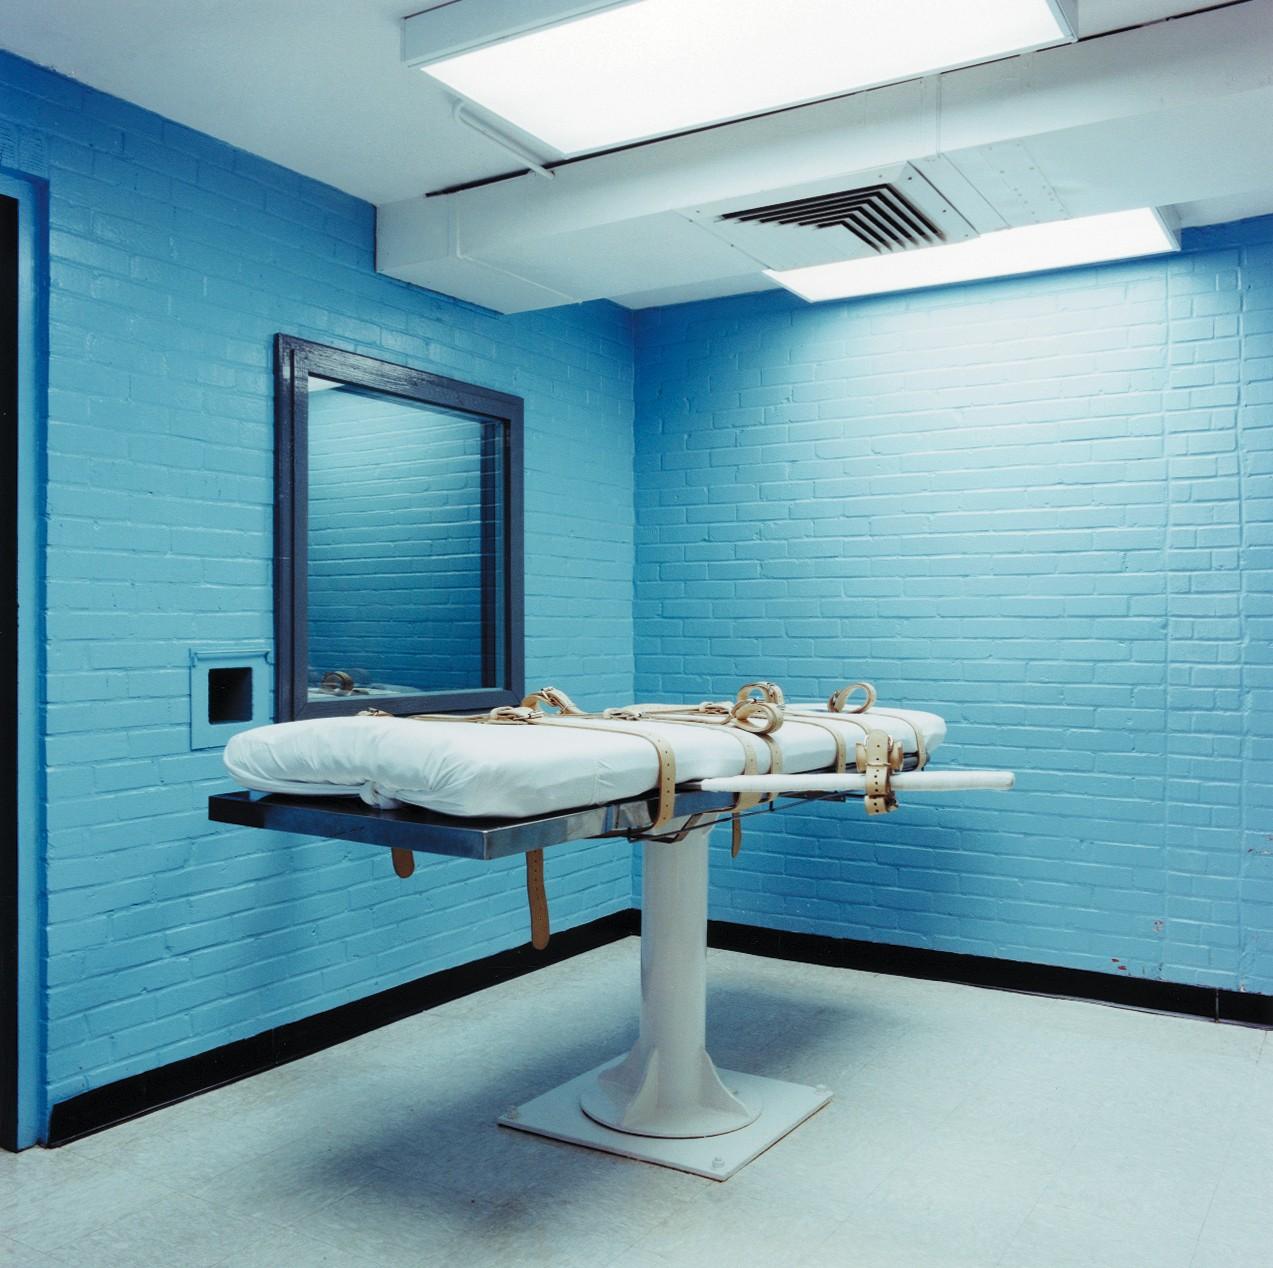 Американца, осужденного по обвинению в убийстве, помиловали за несколько часов до казни